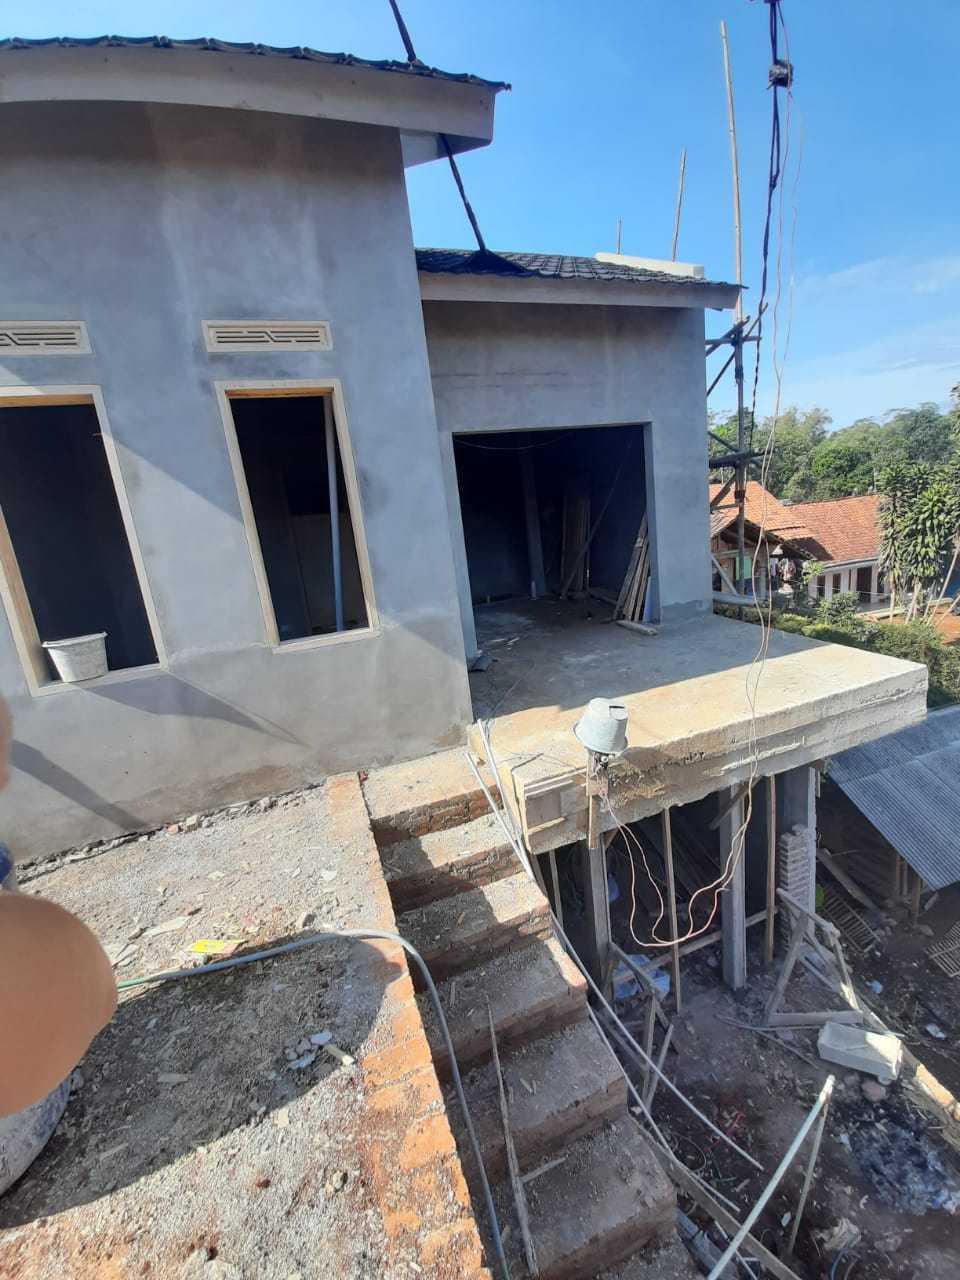 Purnama Design And Build Rumah Tinggal Dr. Reza Ciraab, Sindangsari, Kec. Paseh, Bandung, Jawa Barat, Indonesia Ciraab, Sindangsari, Kec. Paseh, Bandung, Jawa Barat, Indonesia Purnama-Design-And-Build-Rumah-Tinggal-Dr-Reza  101191